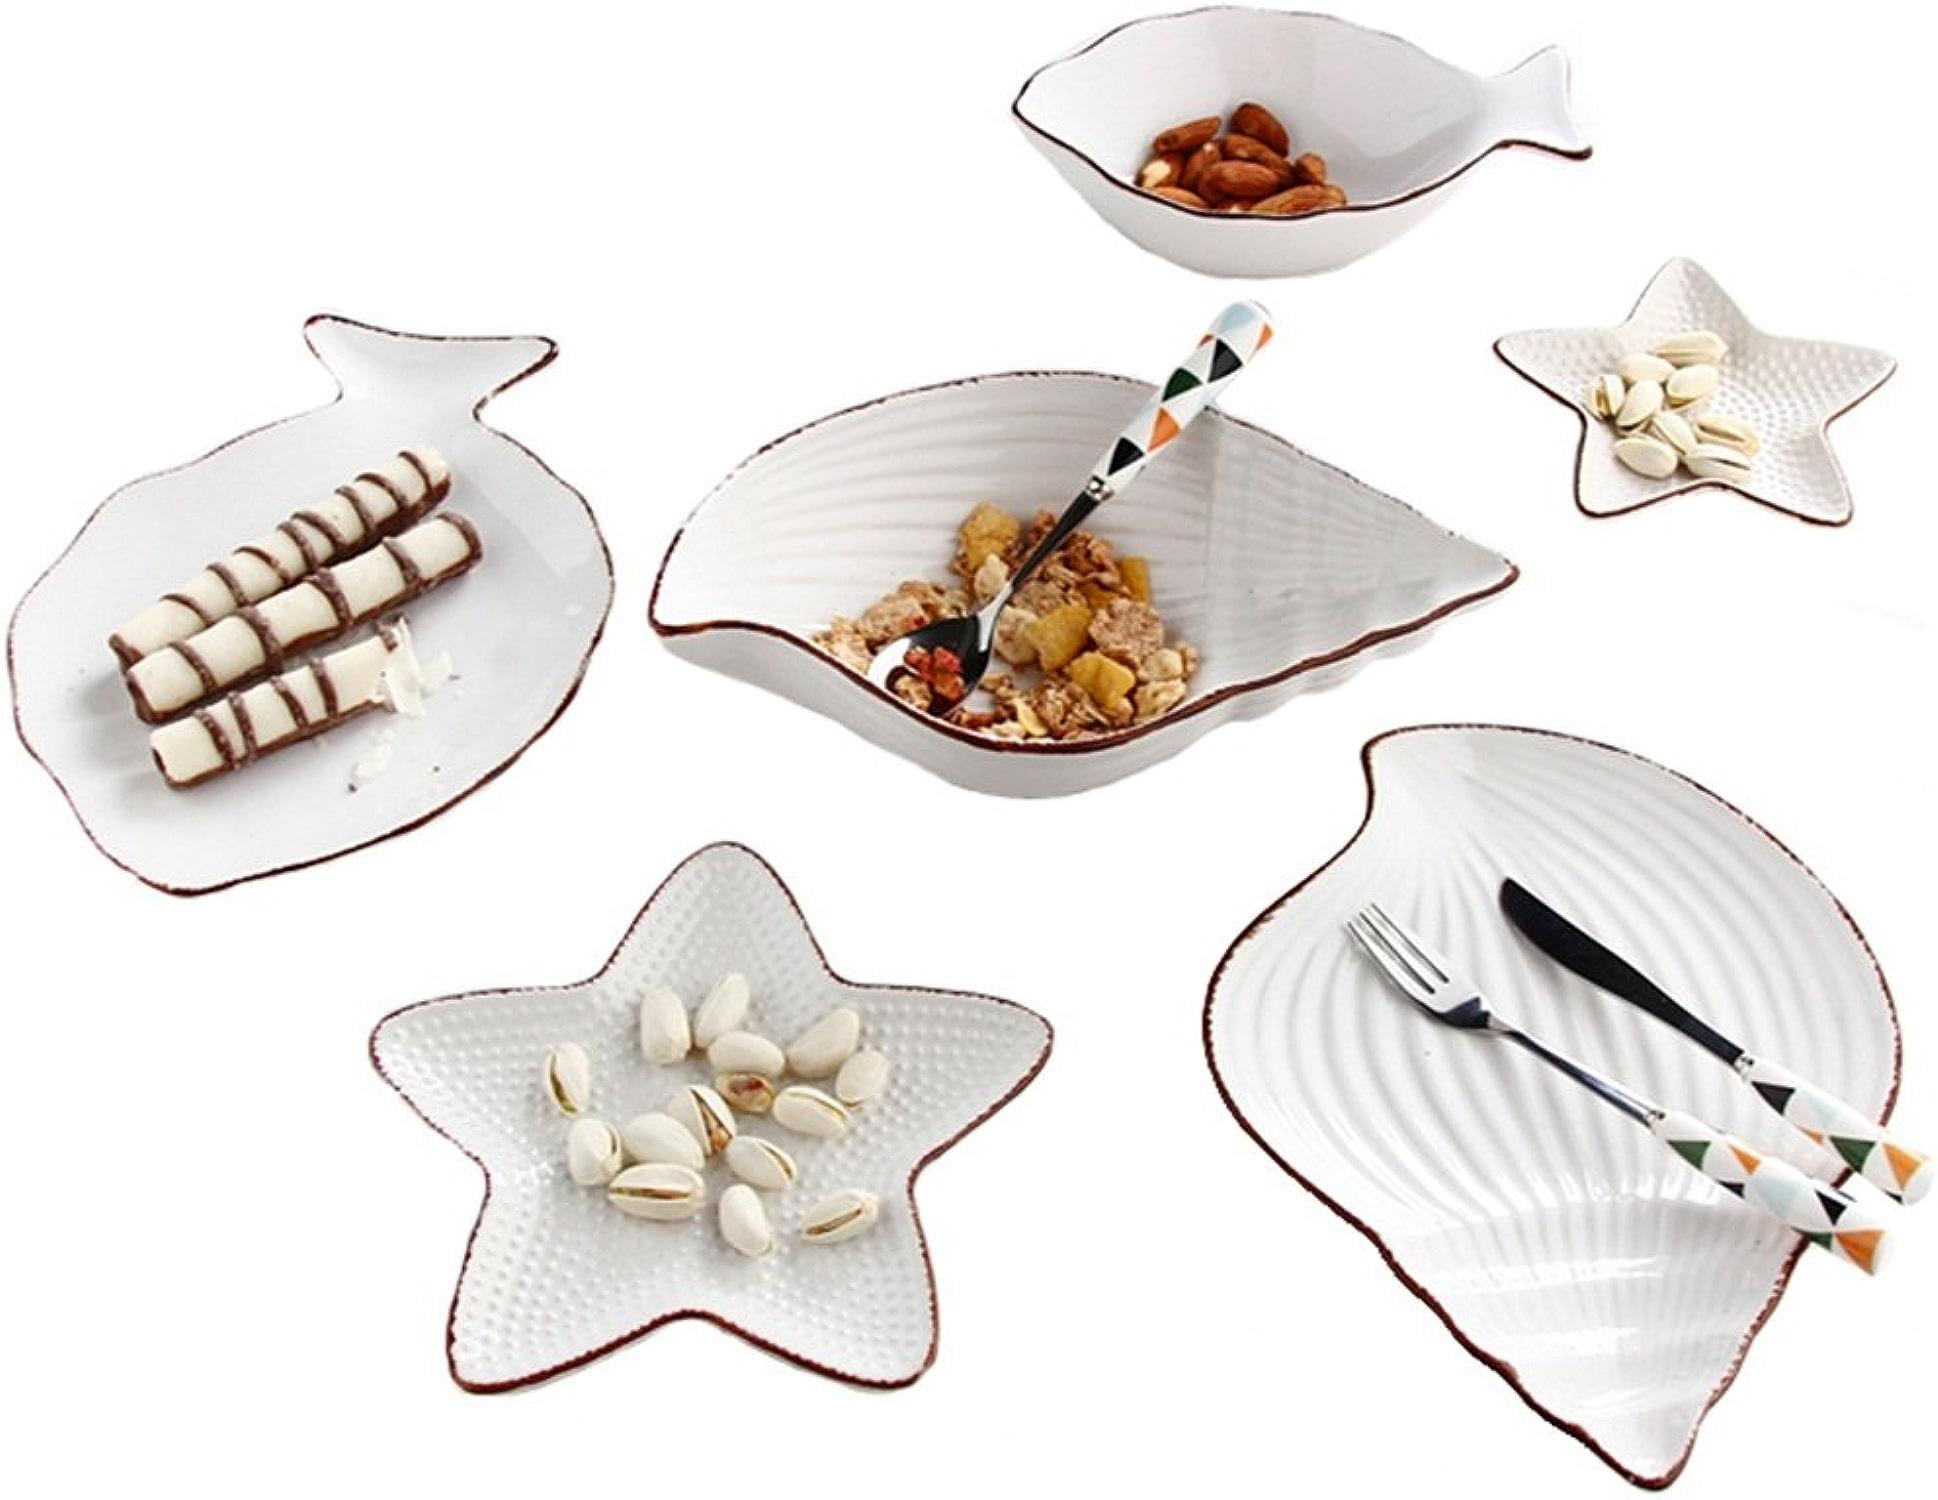 Canju Définir la vaisselle, série marine creative voituretoon couverts en céramique ensemble de style nordique plat assiette dessert assiette salade assiette petit poisson bol, vaisselle occidentale